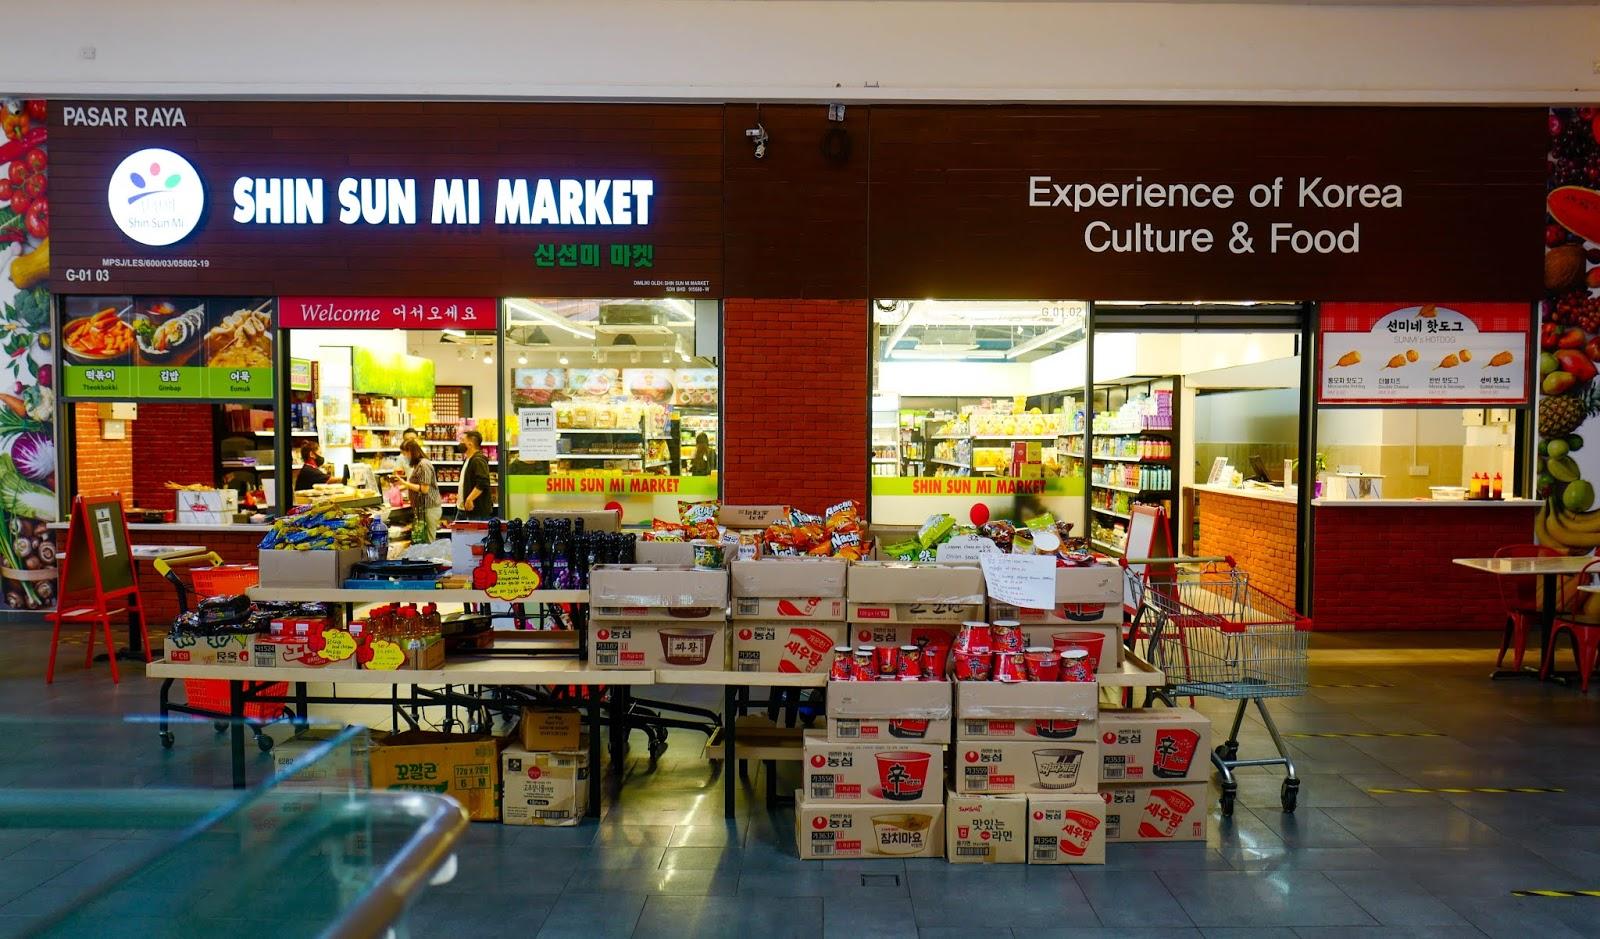 shin sun mi market, sunway geo avenue